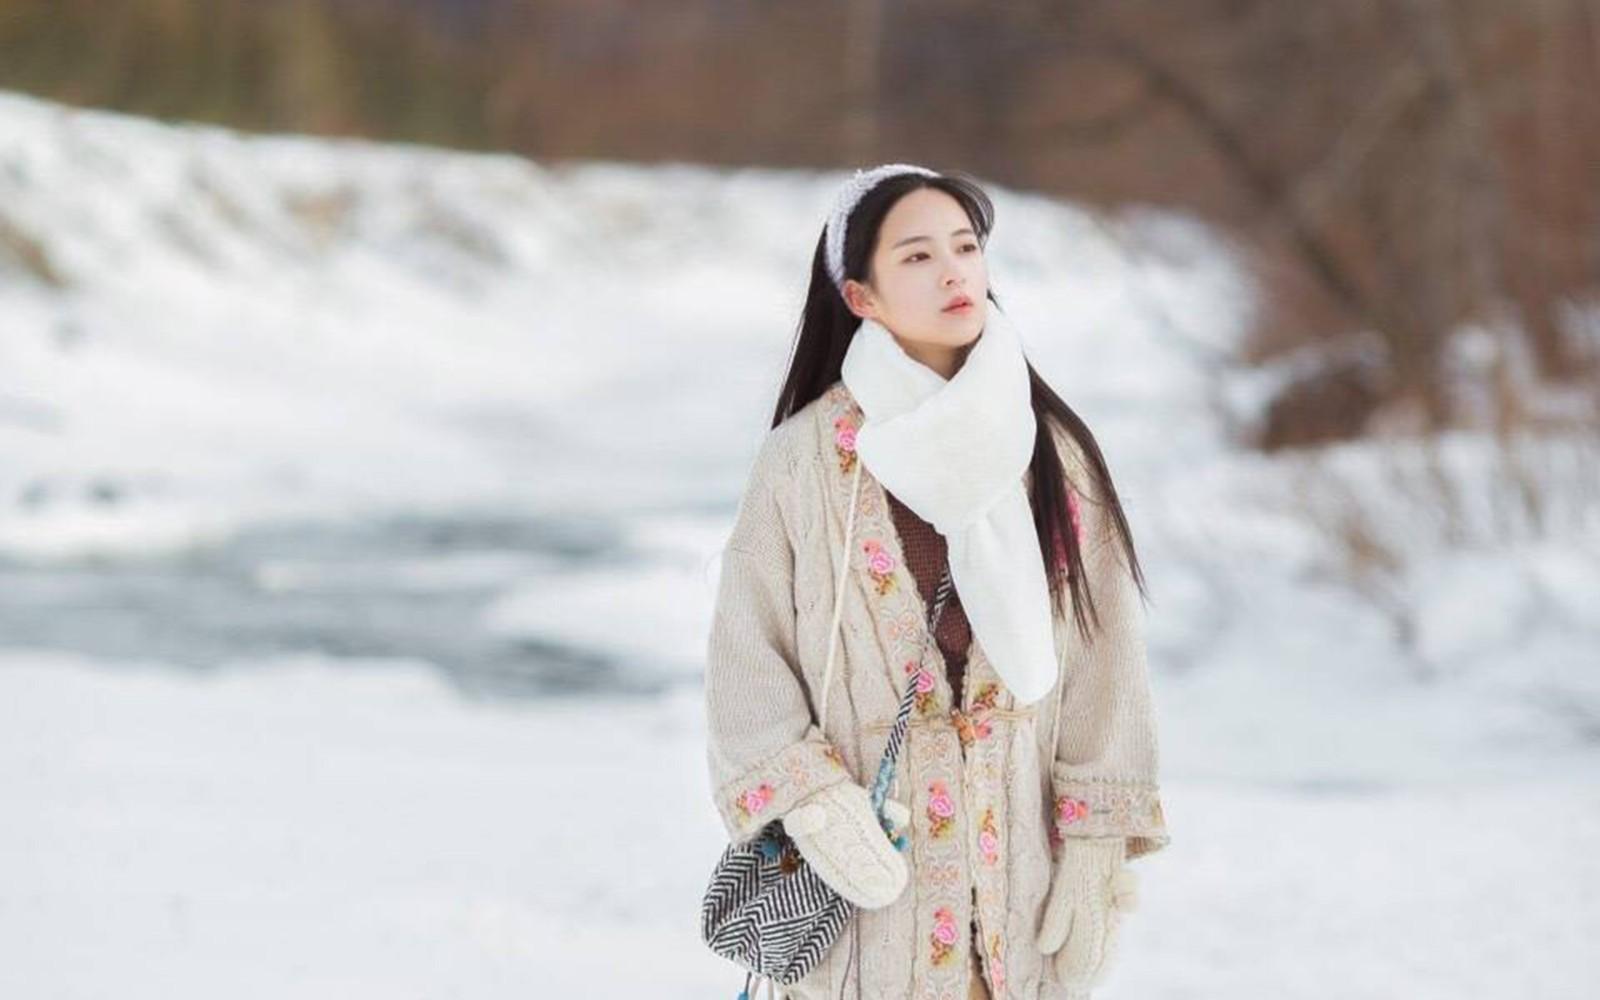 雪山中的清丽女孩唯美桌面壁纸